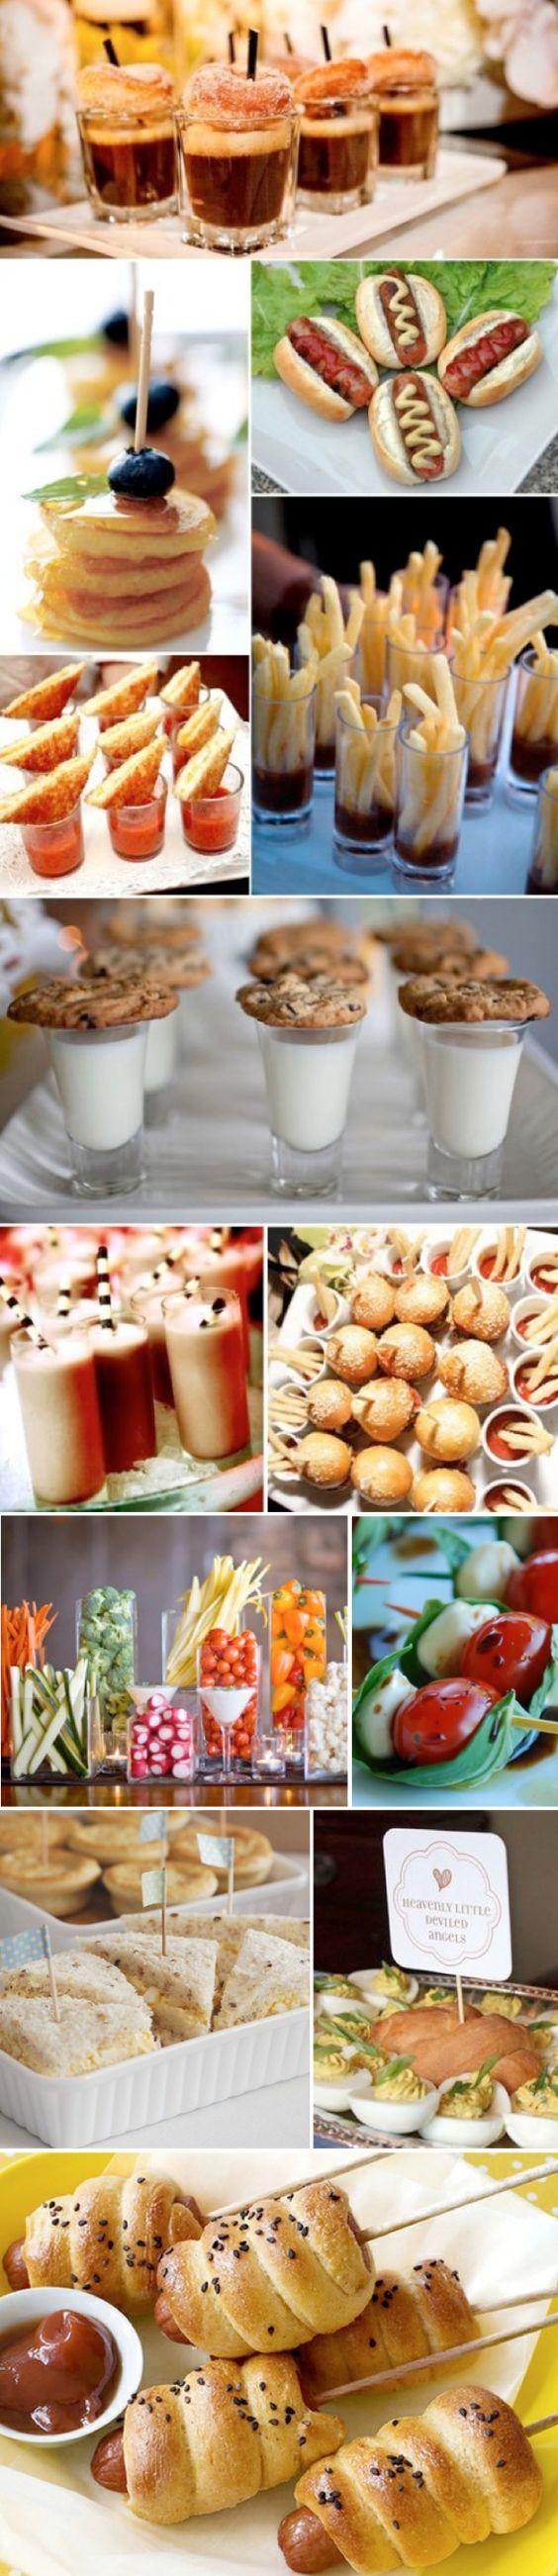 finger foods: Food Ideas, Mini Food, Food Network/Trisha, Party Ideas, Party Food, Finger Food